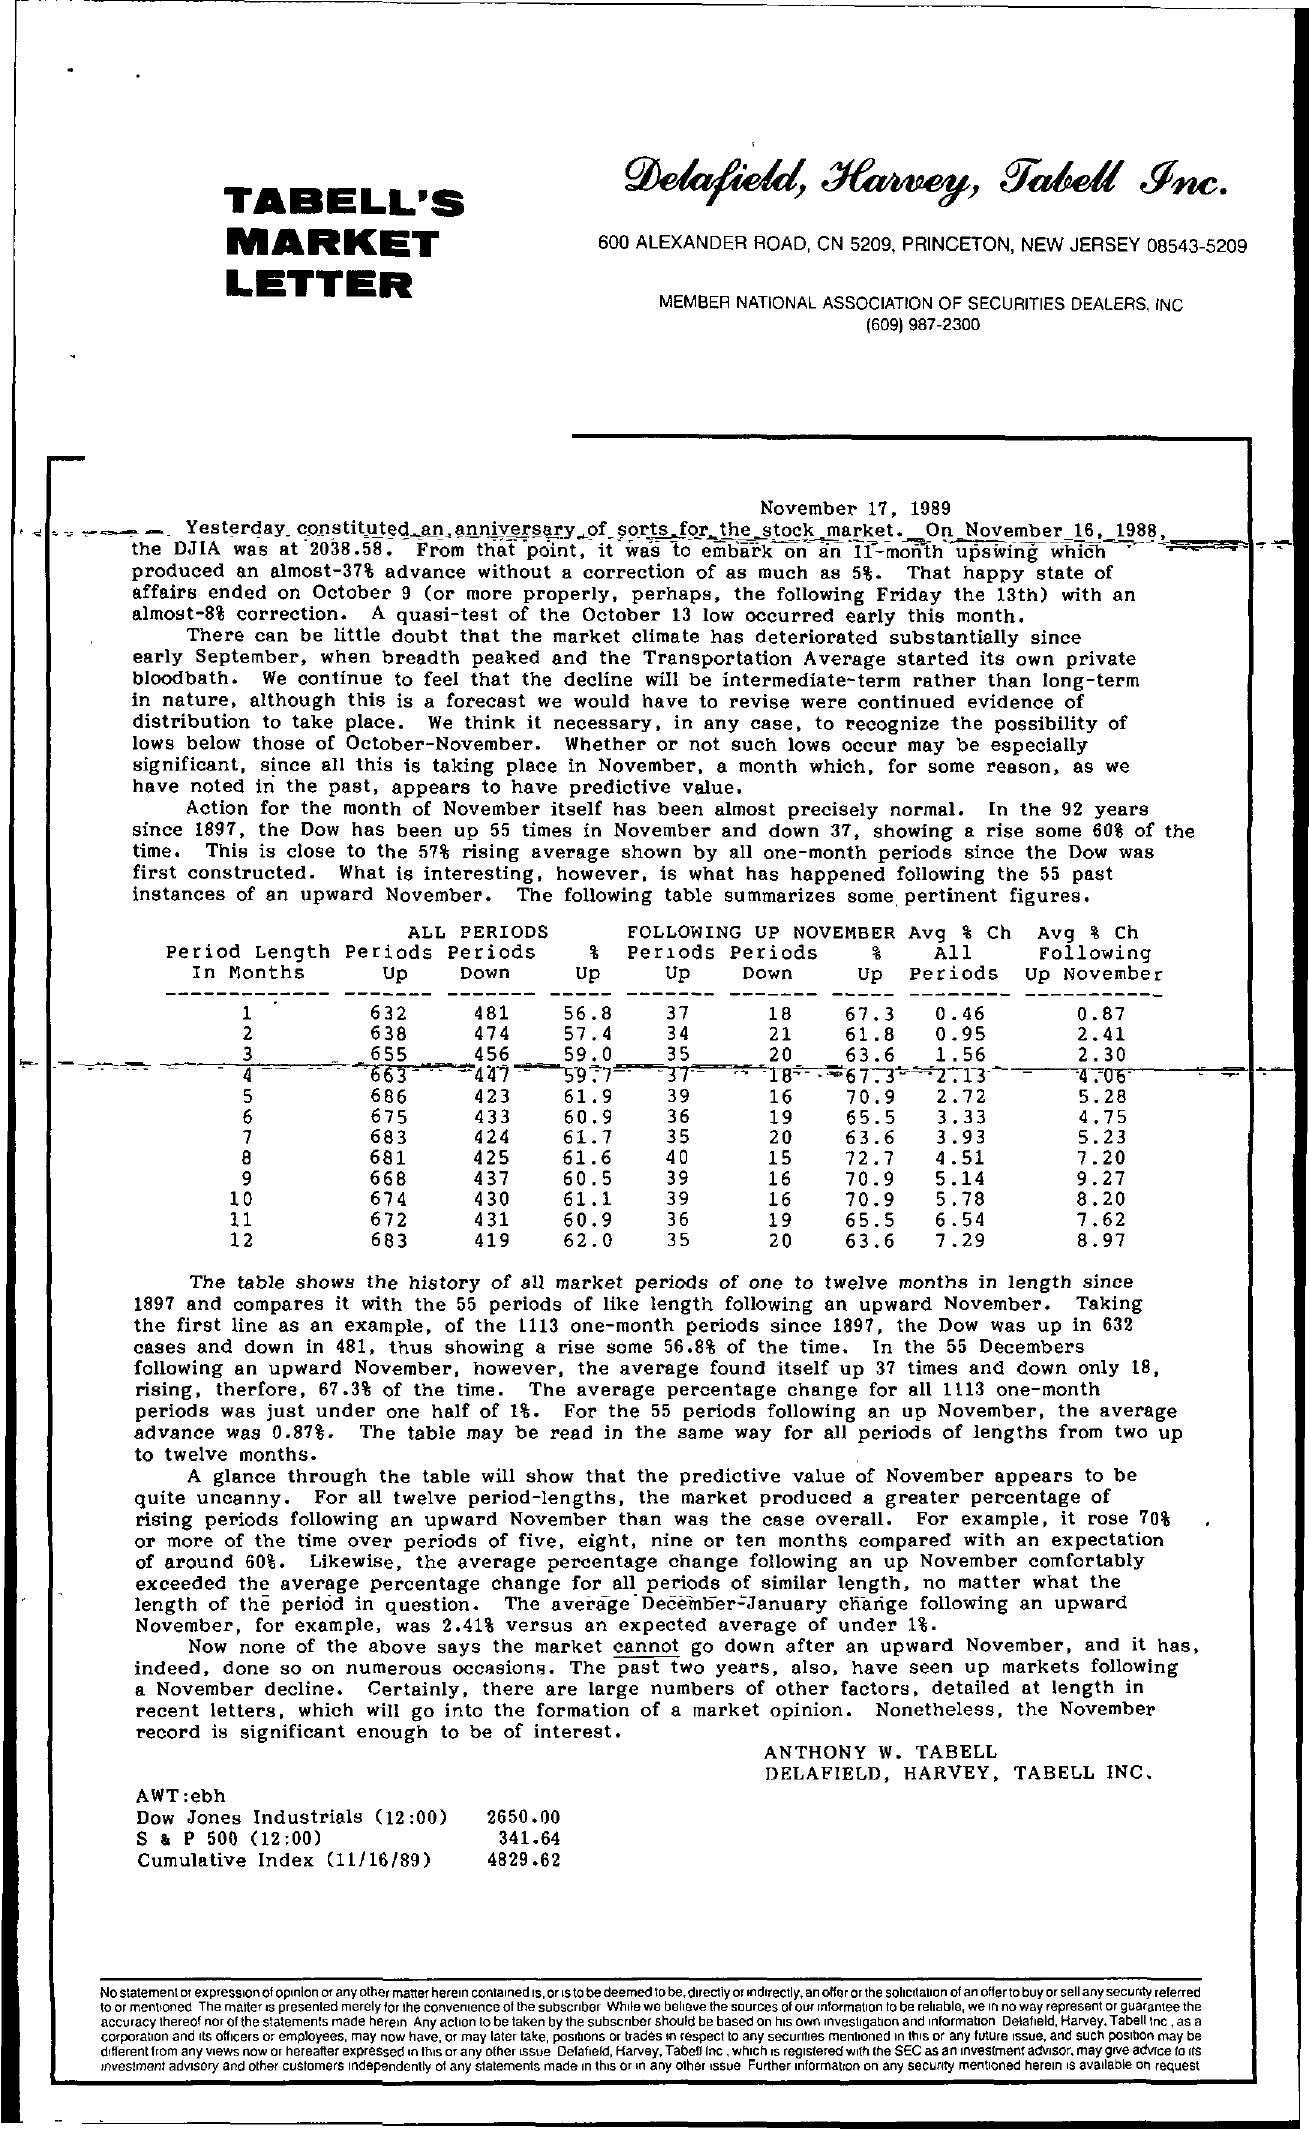 Tabell's Market Letter - November 17, 1989